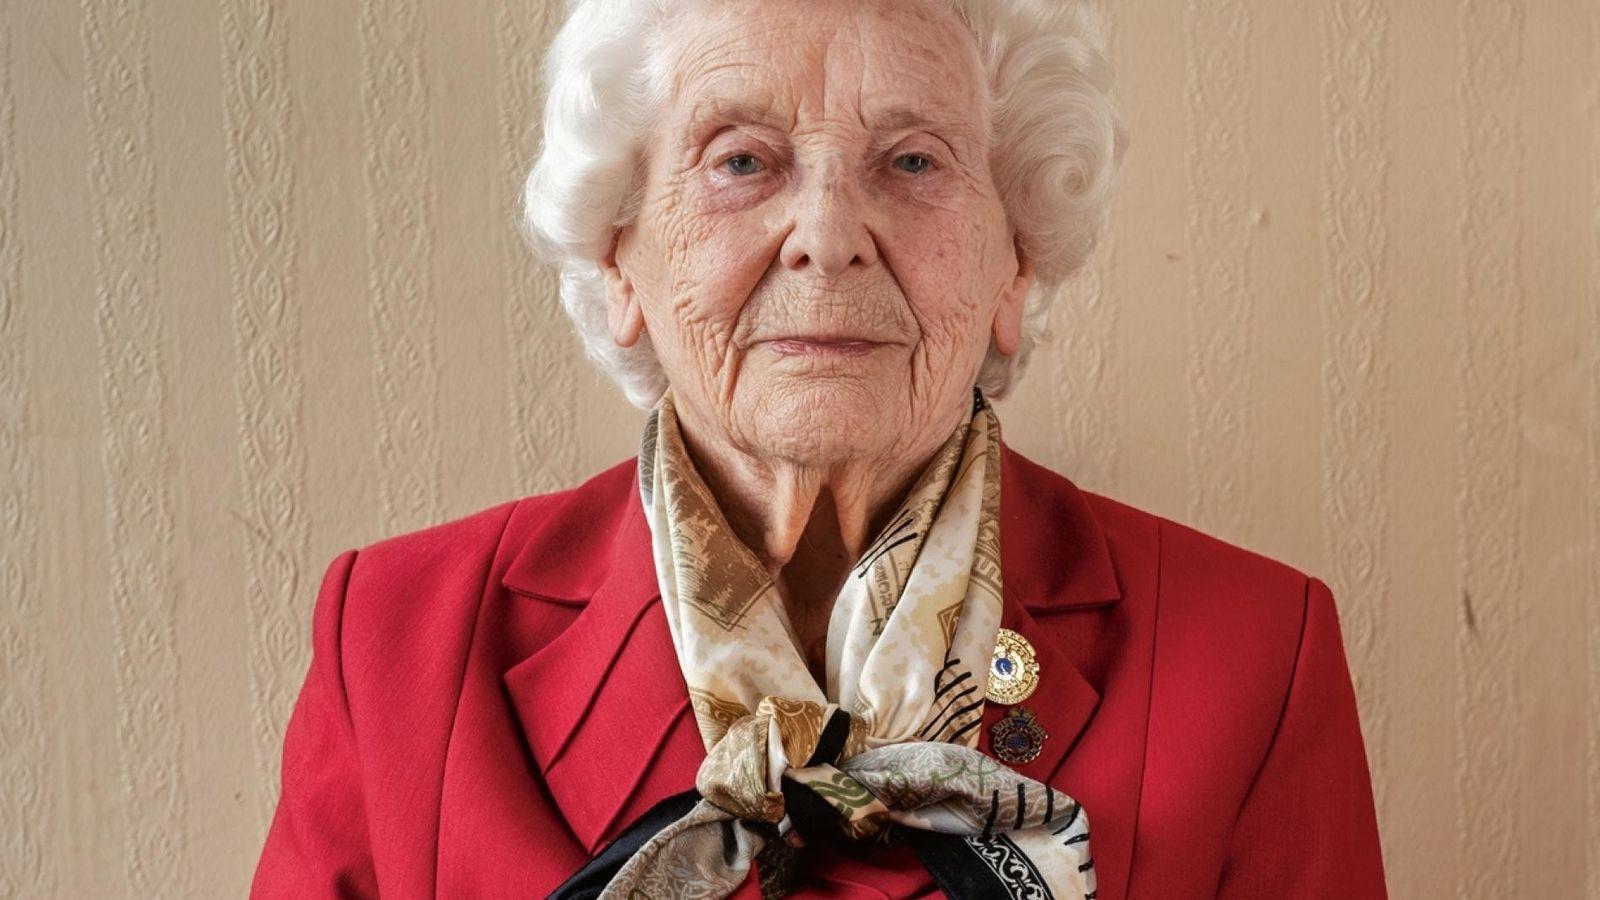 Betty Webb, 97 ans, n'avait que 18 ans lorsqu'elle a commencé à travailler à Bletchley Park, ...